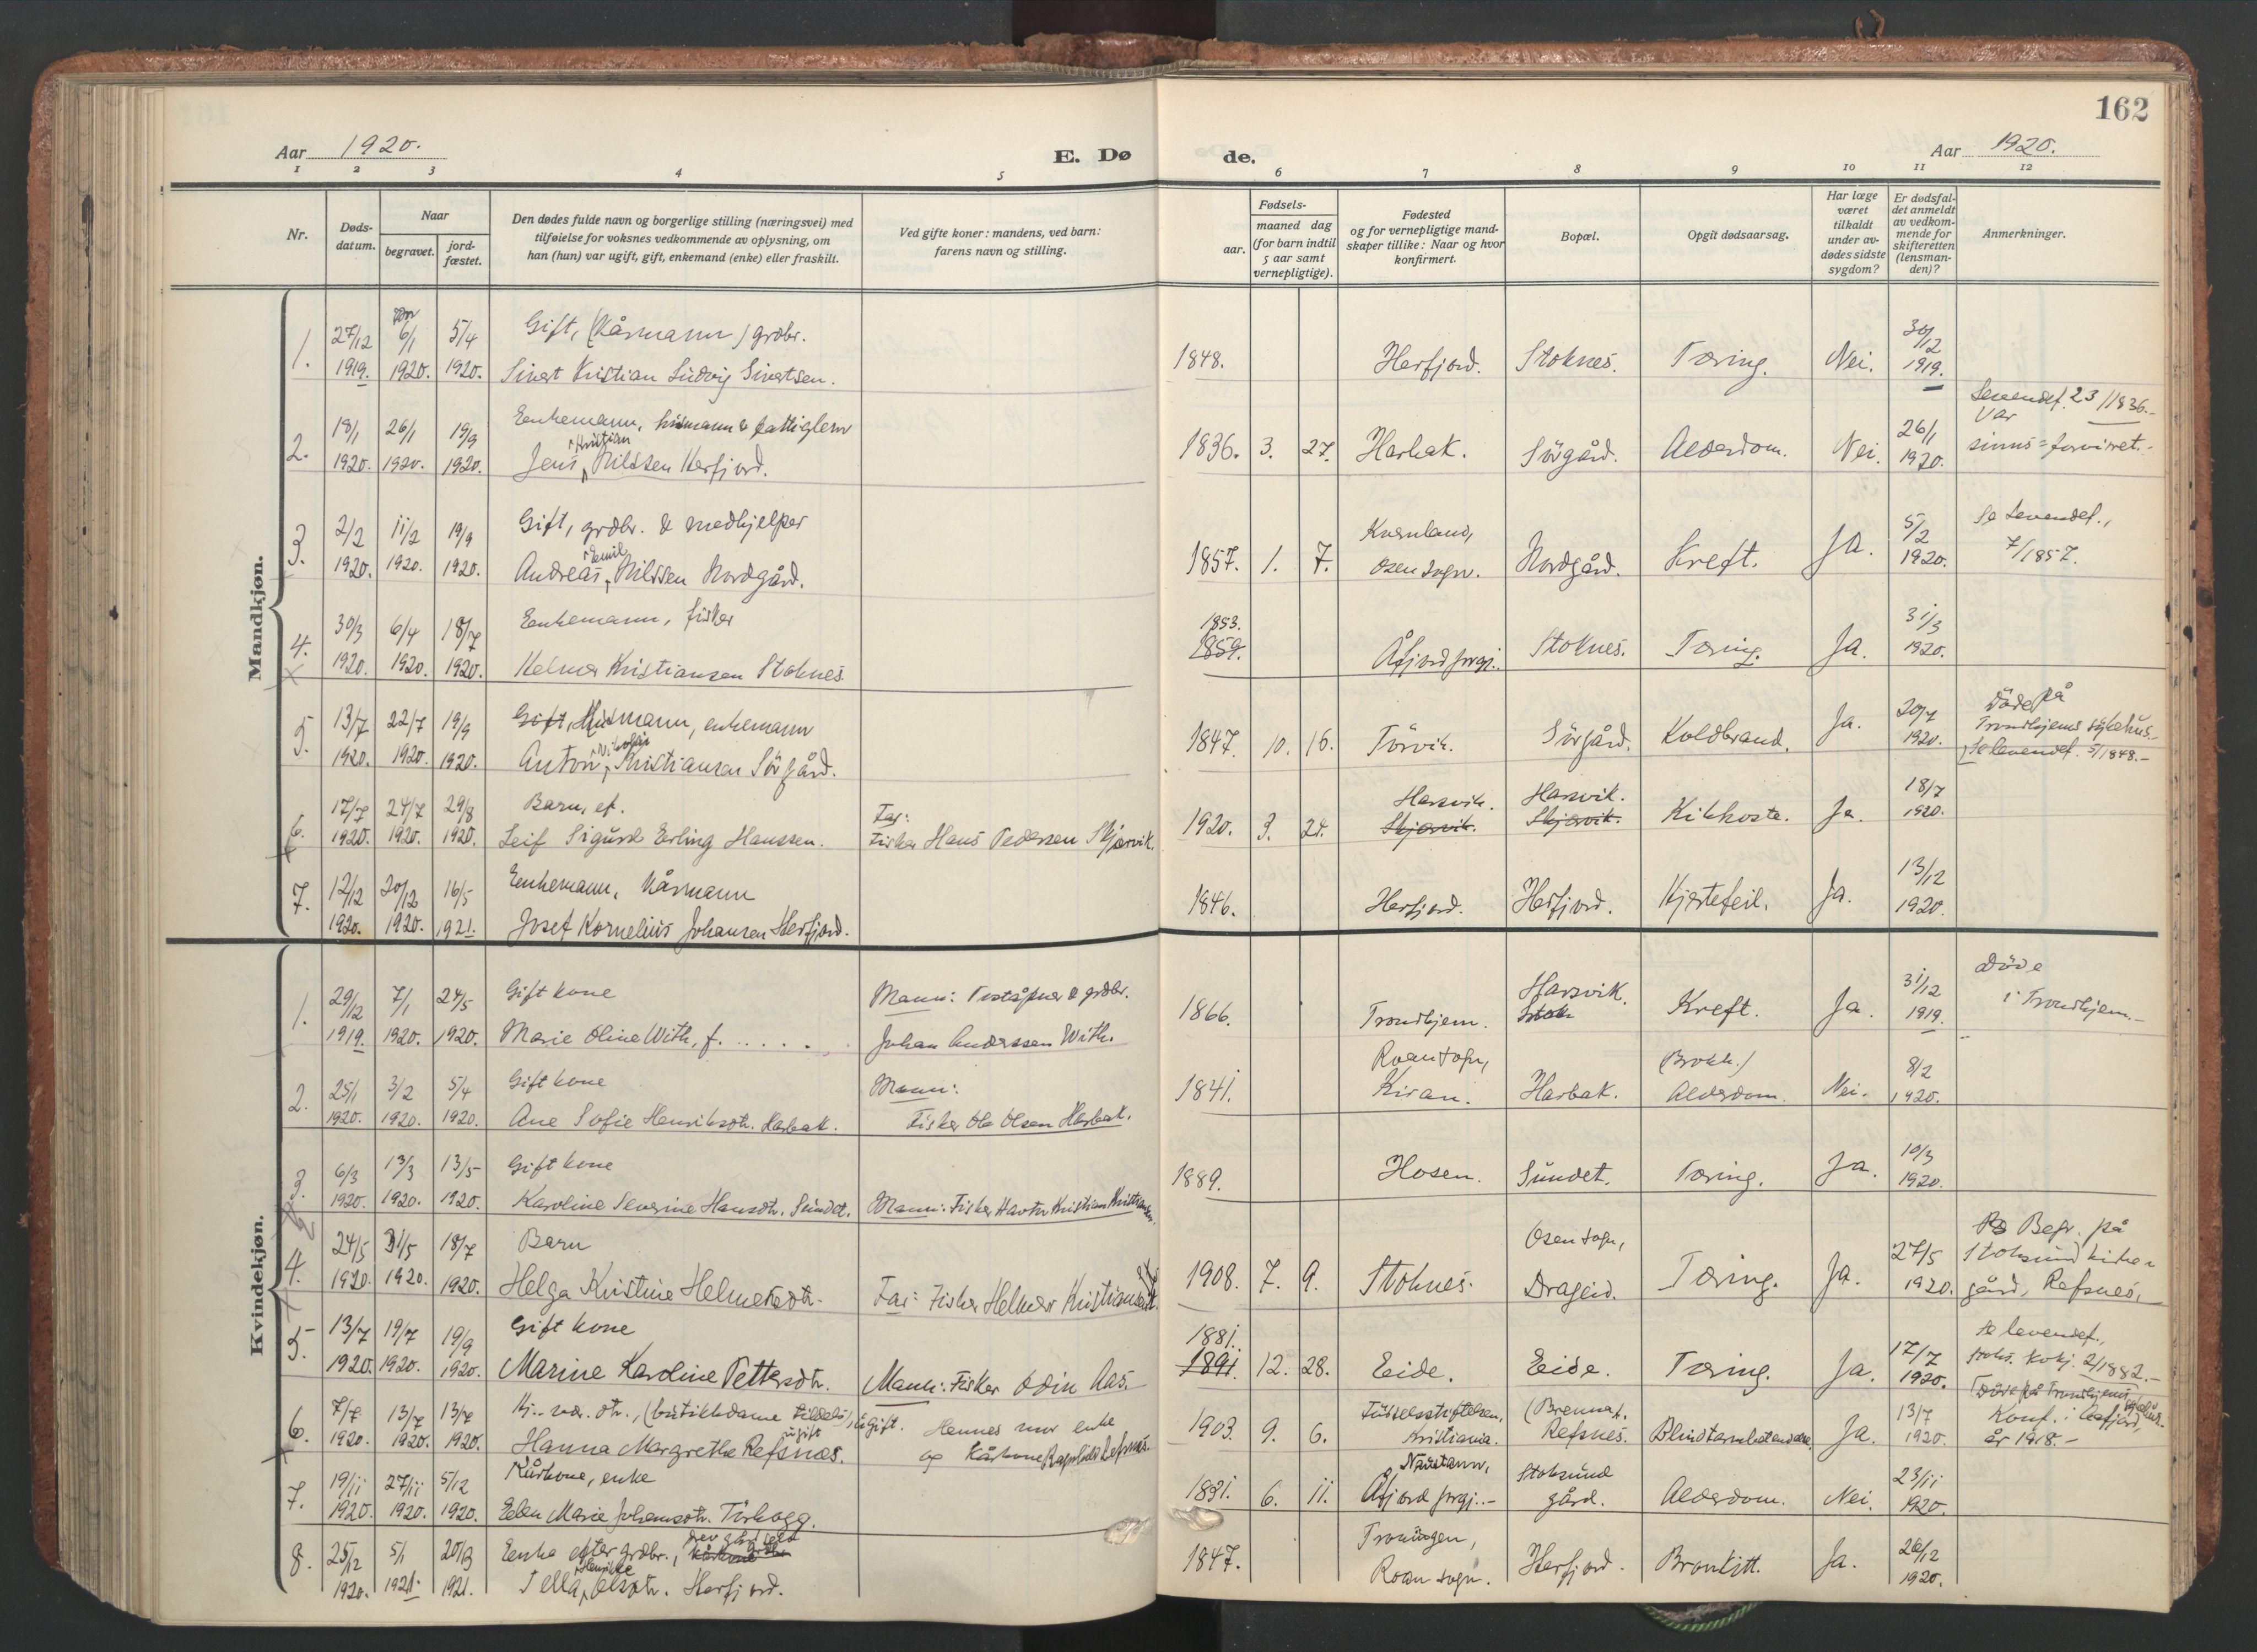 SAT, Ministerialprotokoller, klokkerbøker og fødselsregistre - Sør-Trøndelag, 656/L0694: Ministerialbok nr. 656A03, 1914-1931, s. 162